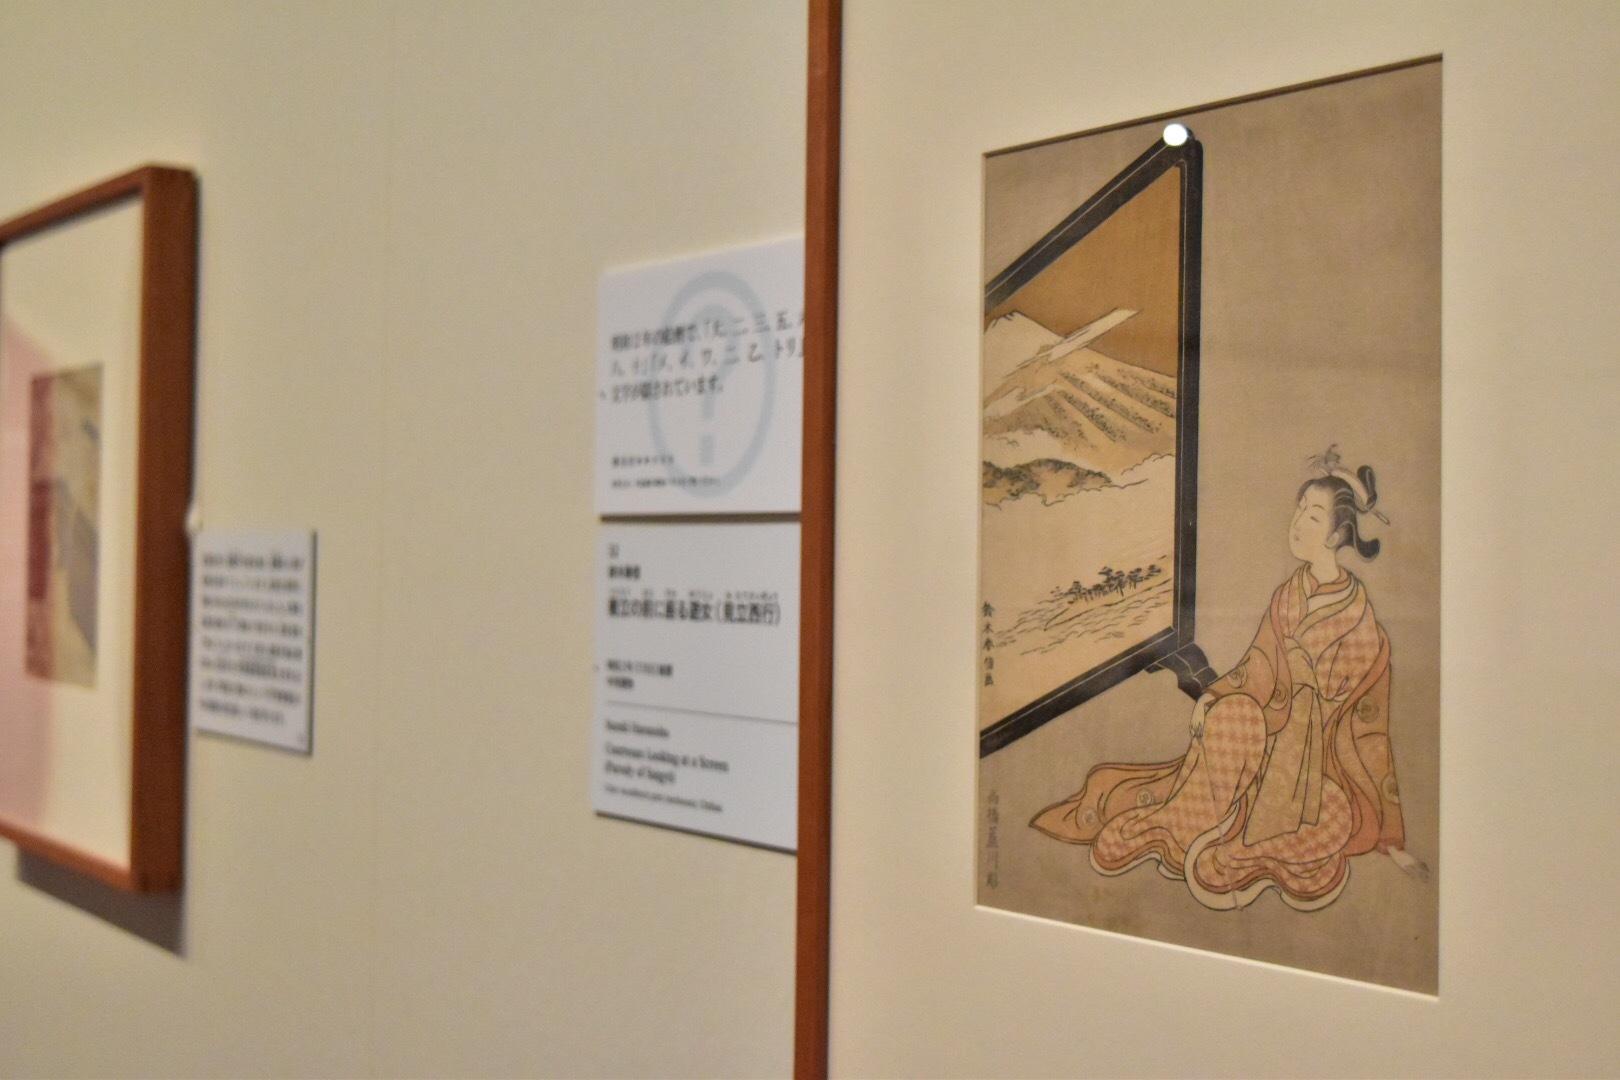 鈴木春信 《衝立の前に座る遊女(見立西行)》 明和2年(1765)絵暦 中判摺物